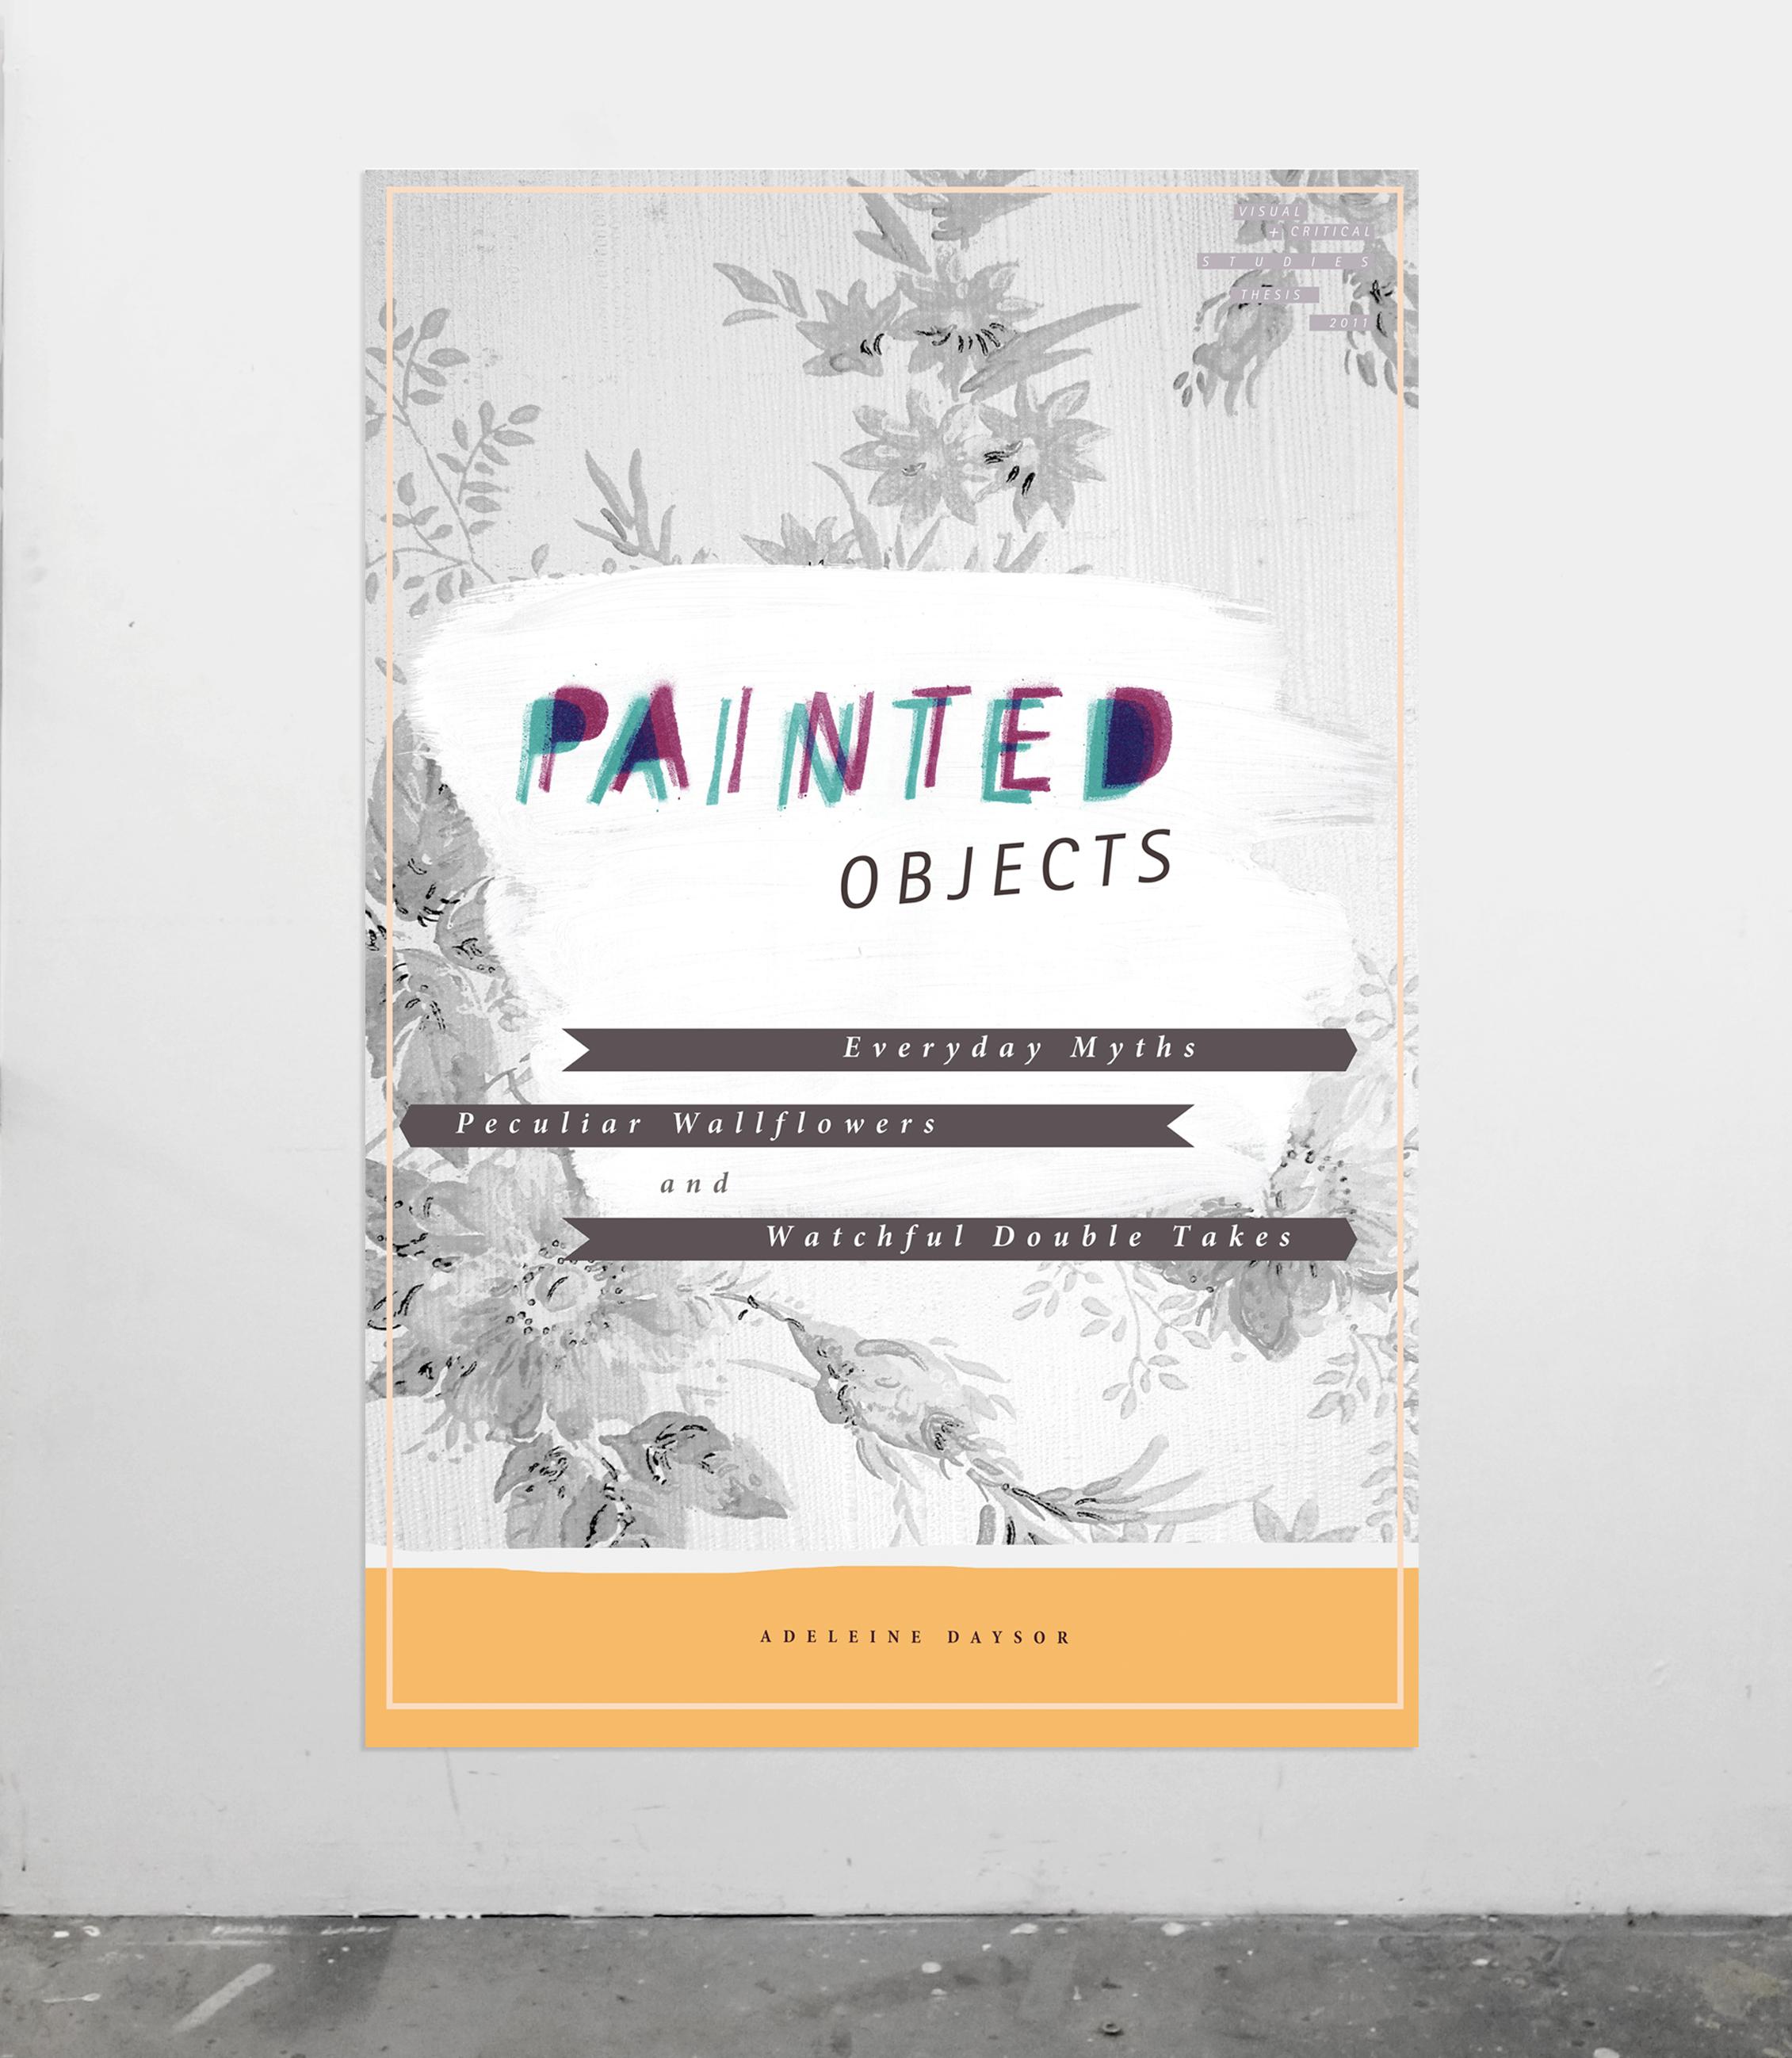 viscrit on wall_crop_painted.jpg